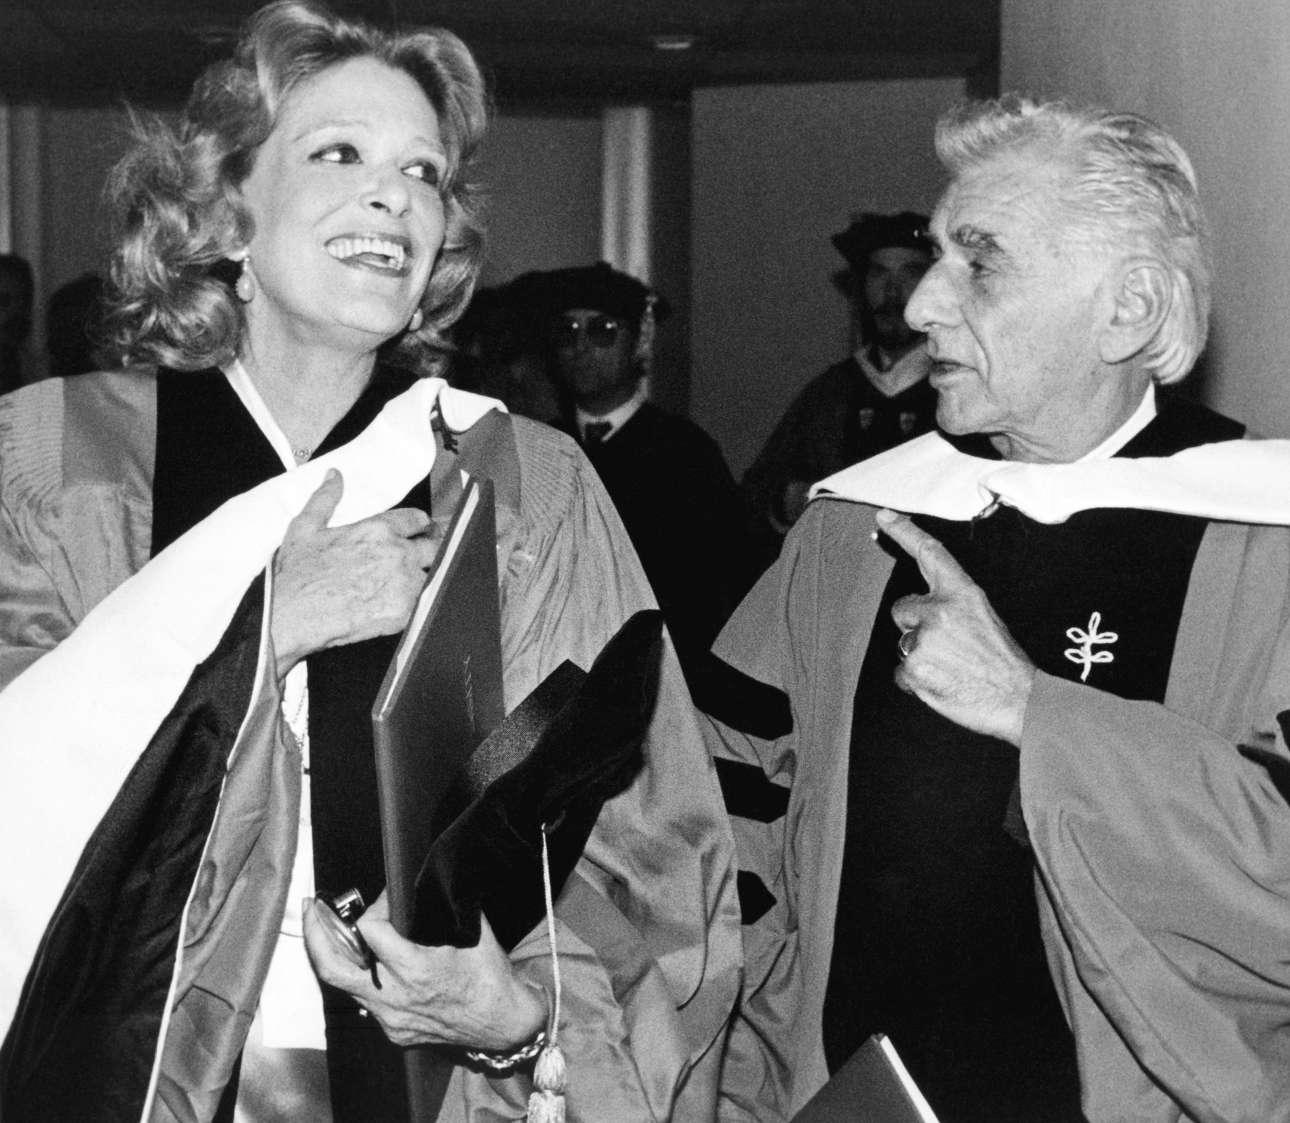 Το 1983 με τον Λέοναρντ Μπερνστάιν στο Πανεπιστήμιο της Βοστώνης, σε εκδήλωση κατά την οποία τιμήθηκαν από το φημισμένο αυτό ίδρυμα